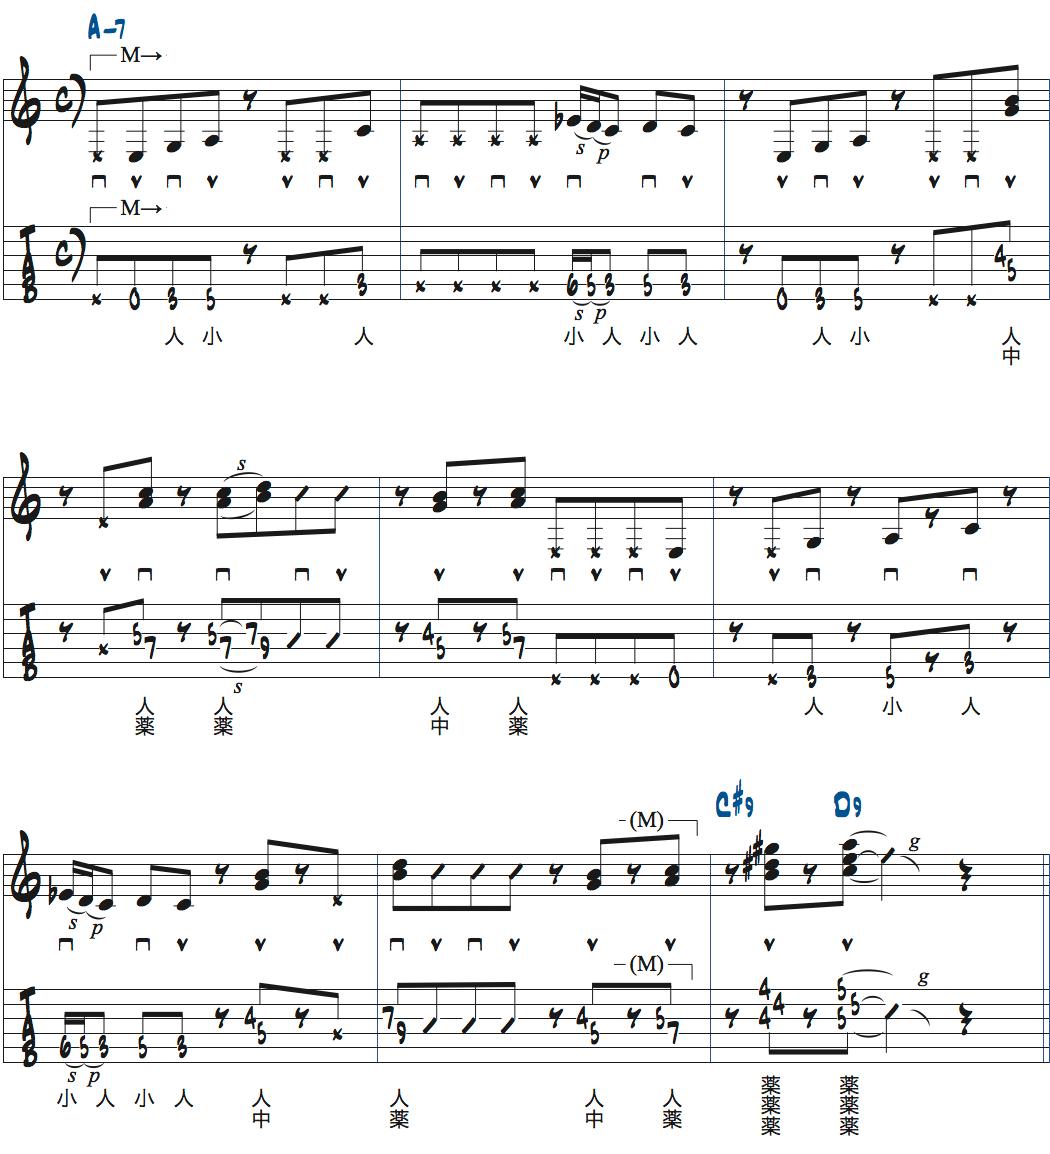 ポールジャクソンジュニアのAm7でのリズムギター楽譜